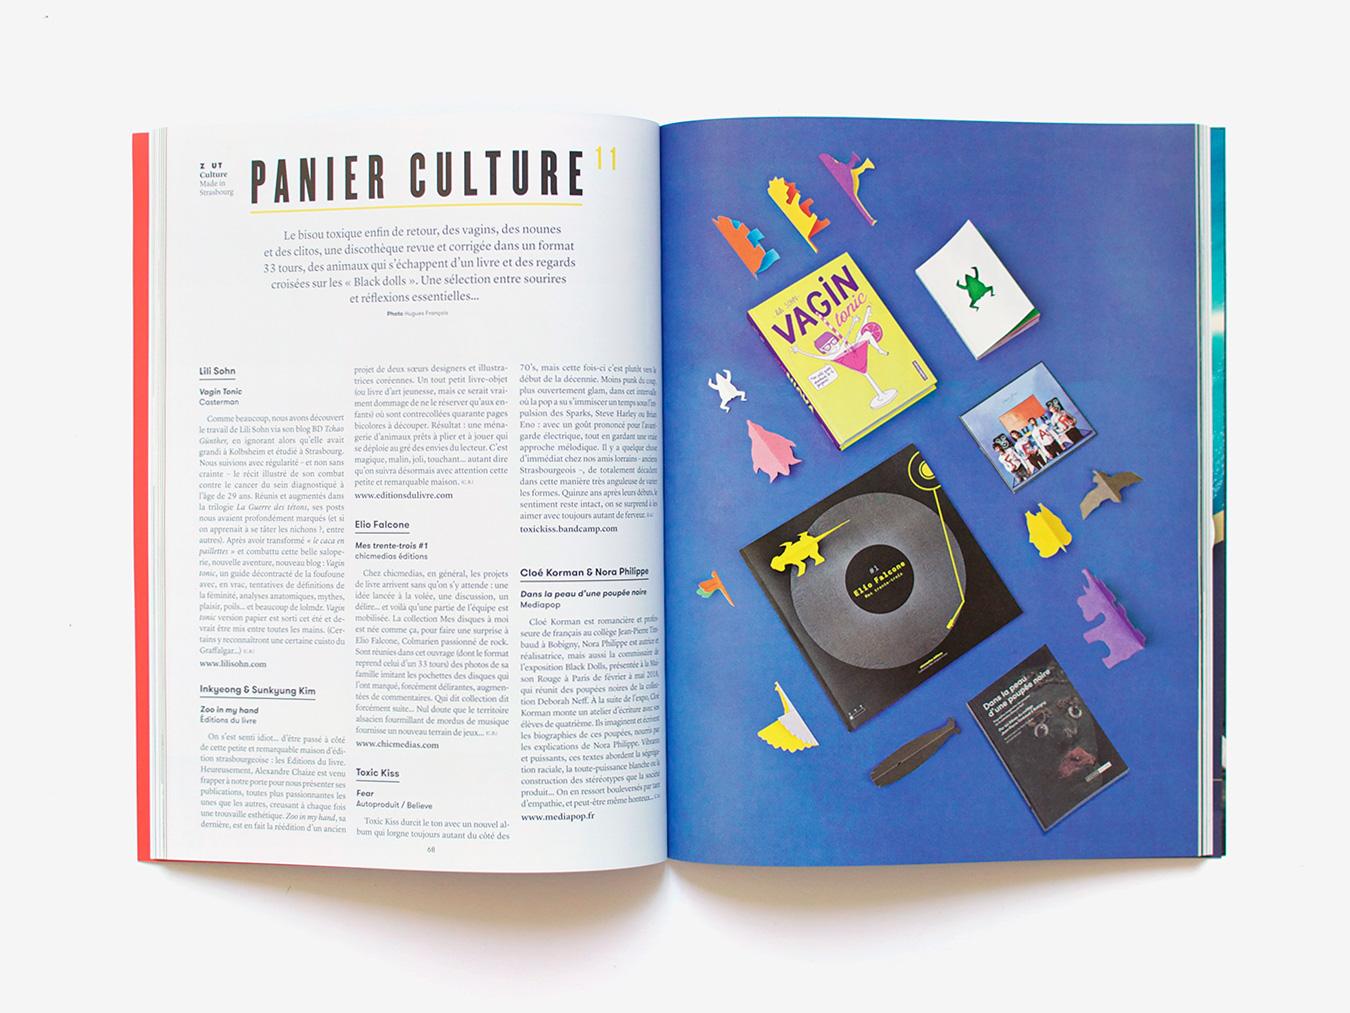 Double-page du panier culture dans Zut magazine #39